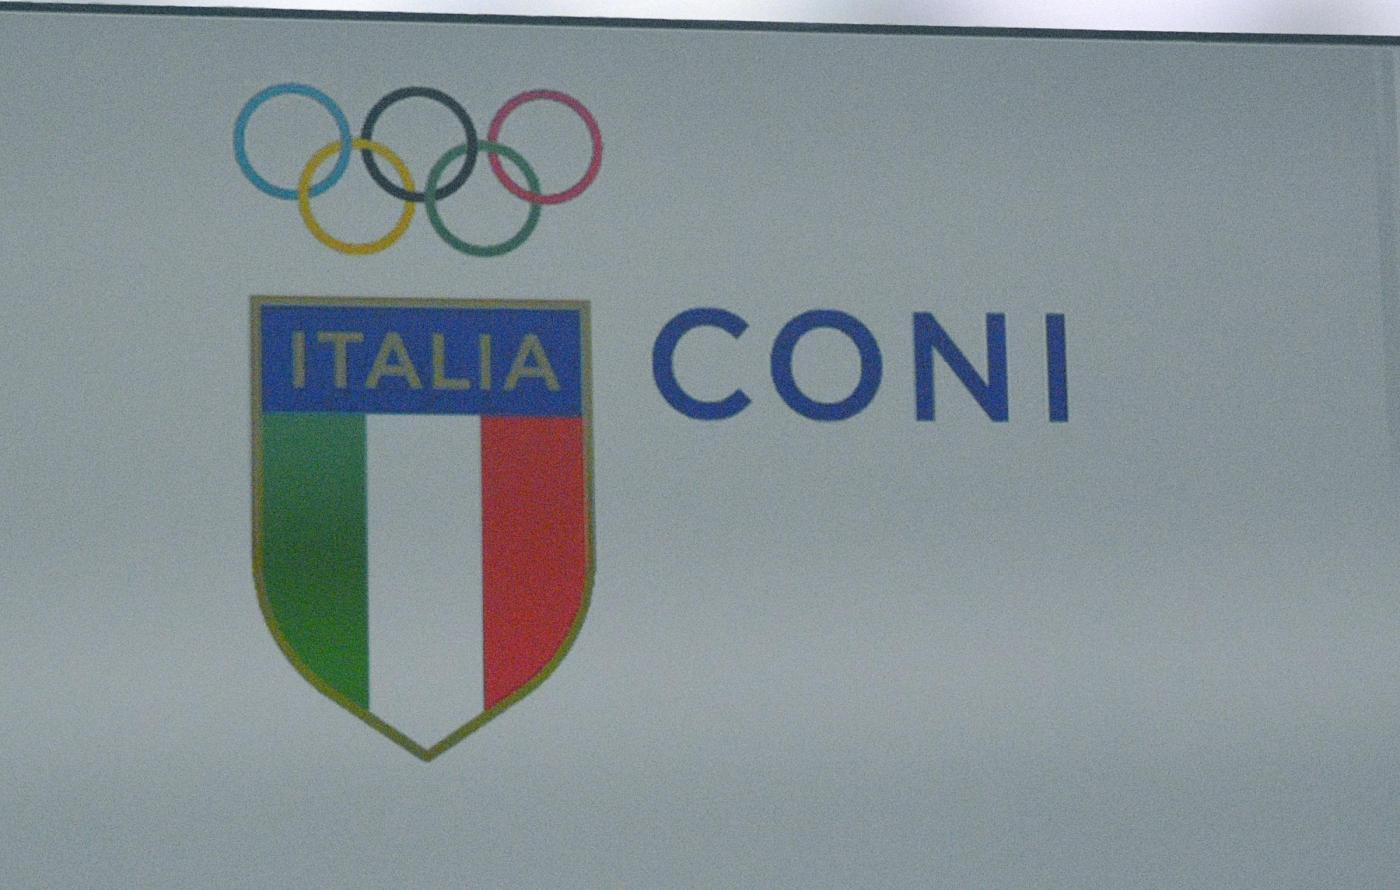 Nuovo logo Coni: stemma tricolore e scritta Italia